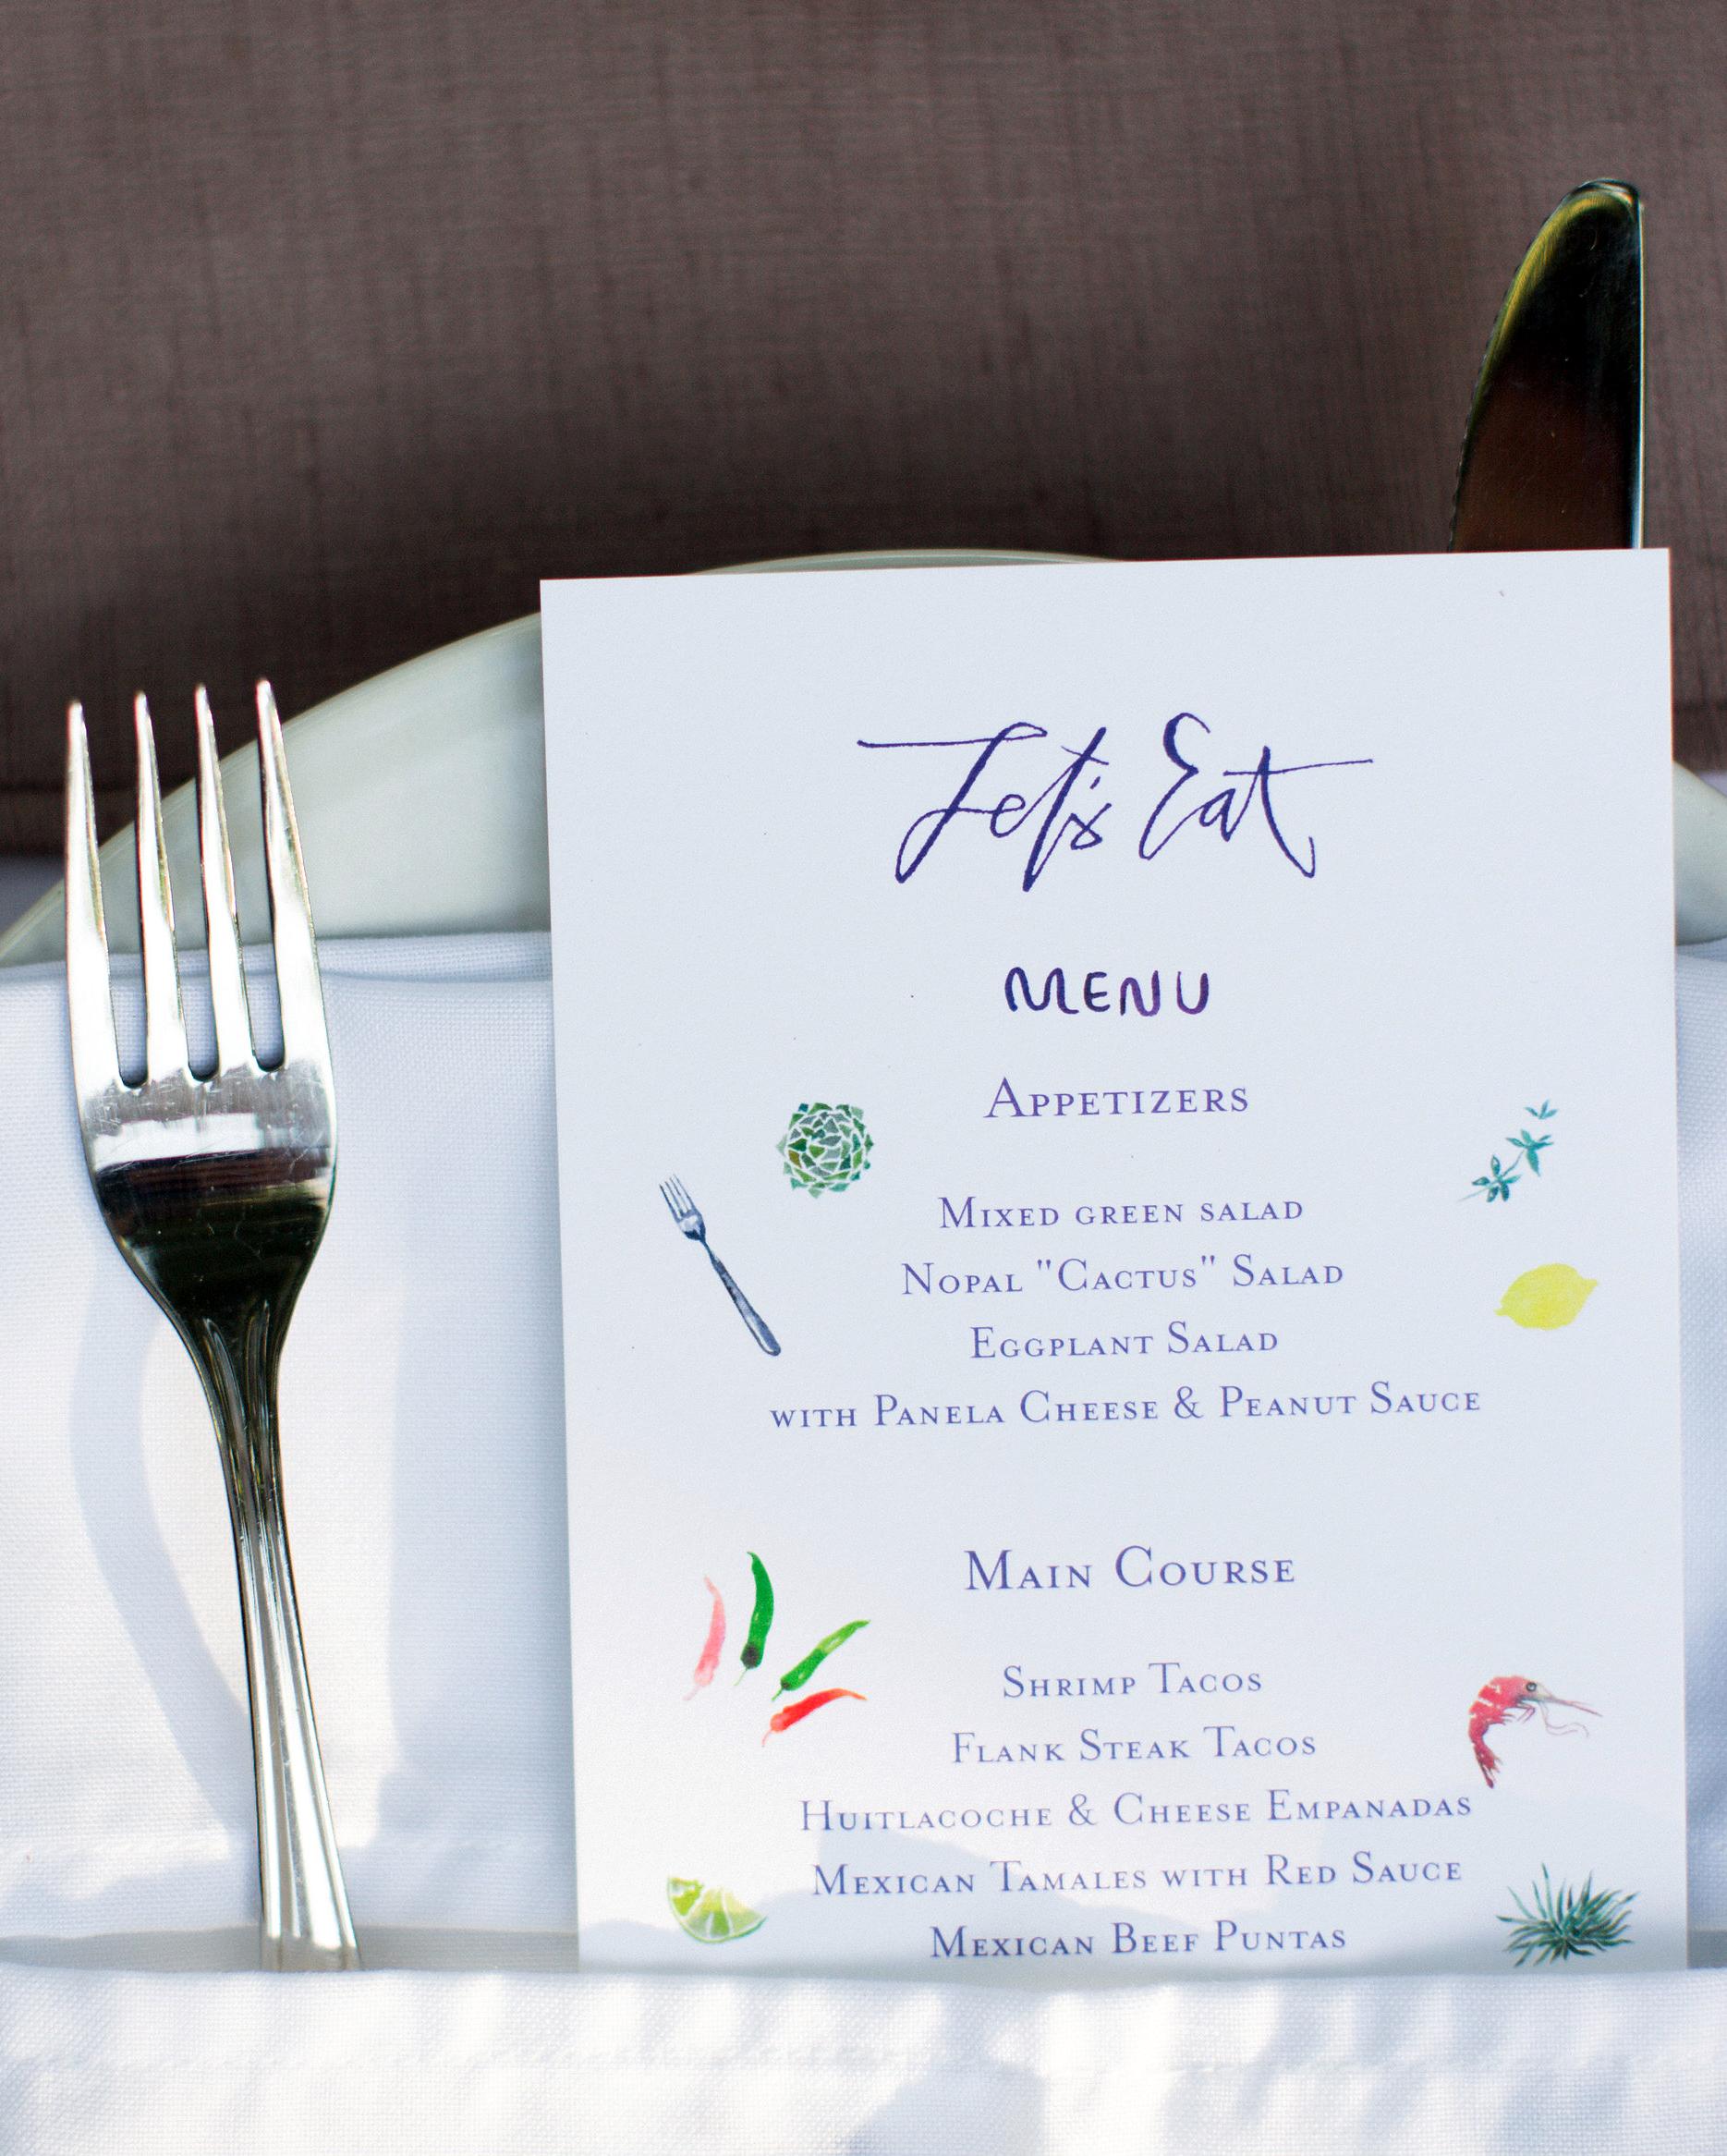 olivia-keith-wedding-menu-66-s112304-0815.jpg